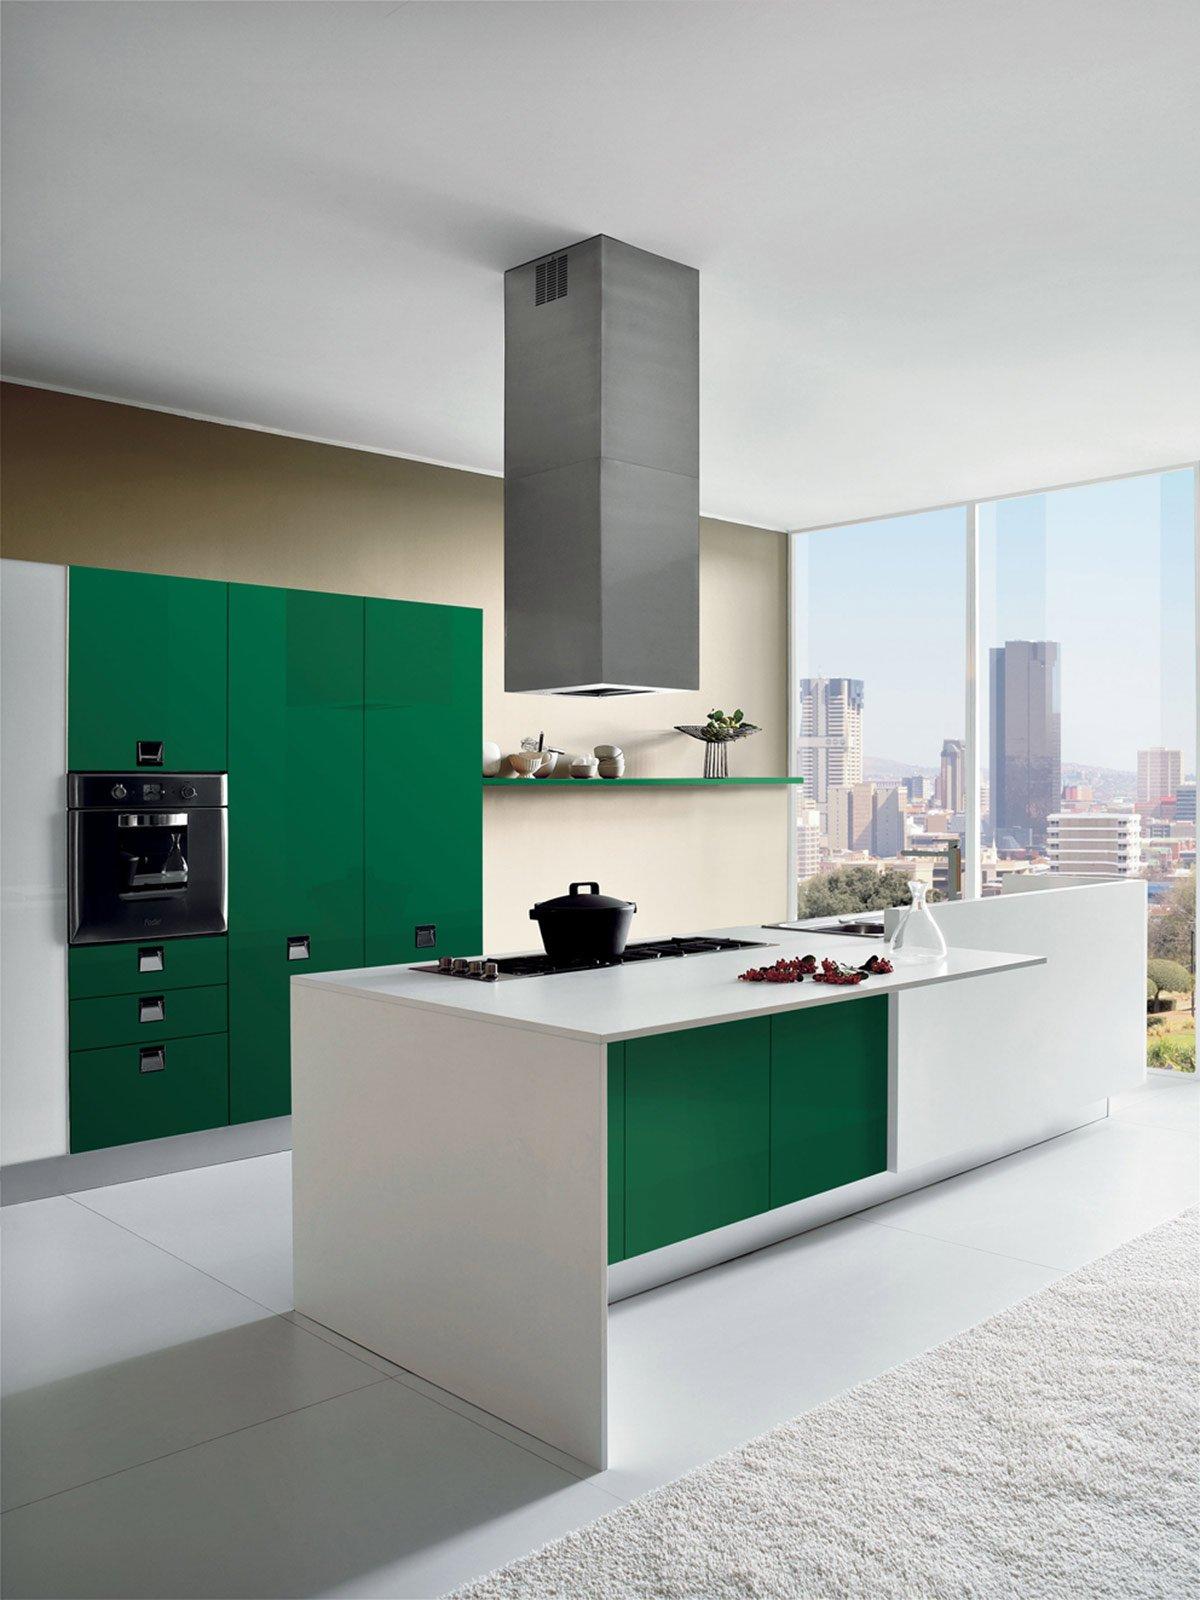 10/10 Di Qualità E Resistenza All'usura Penelope Di Aran Cucine  #075F3E 1200 1600 Aran O Veneta Cucine